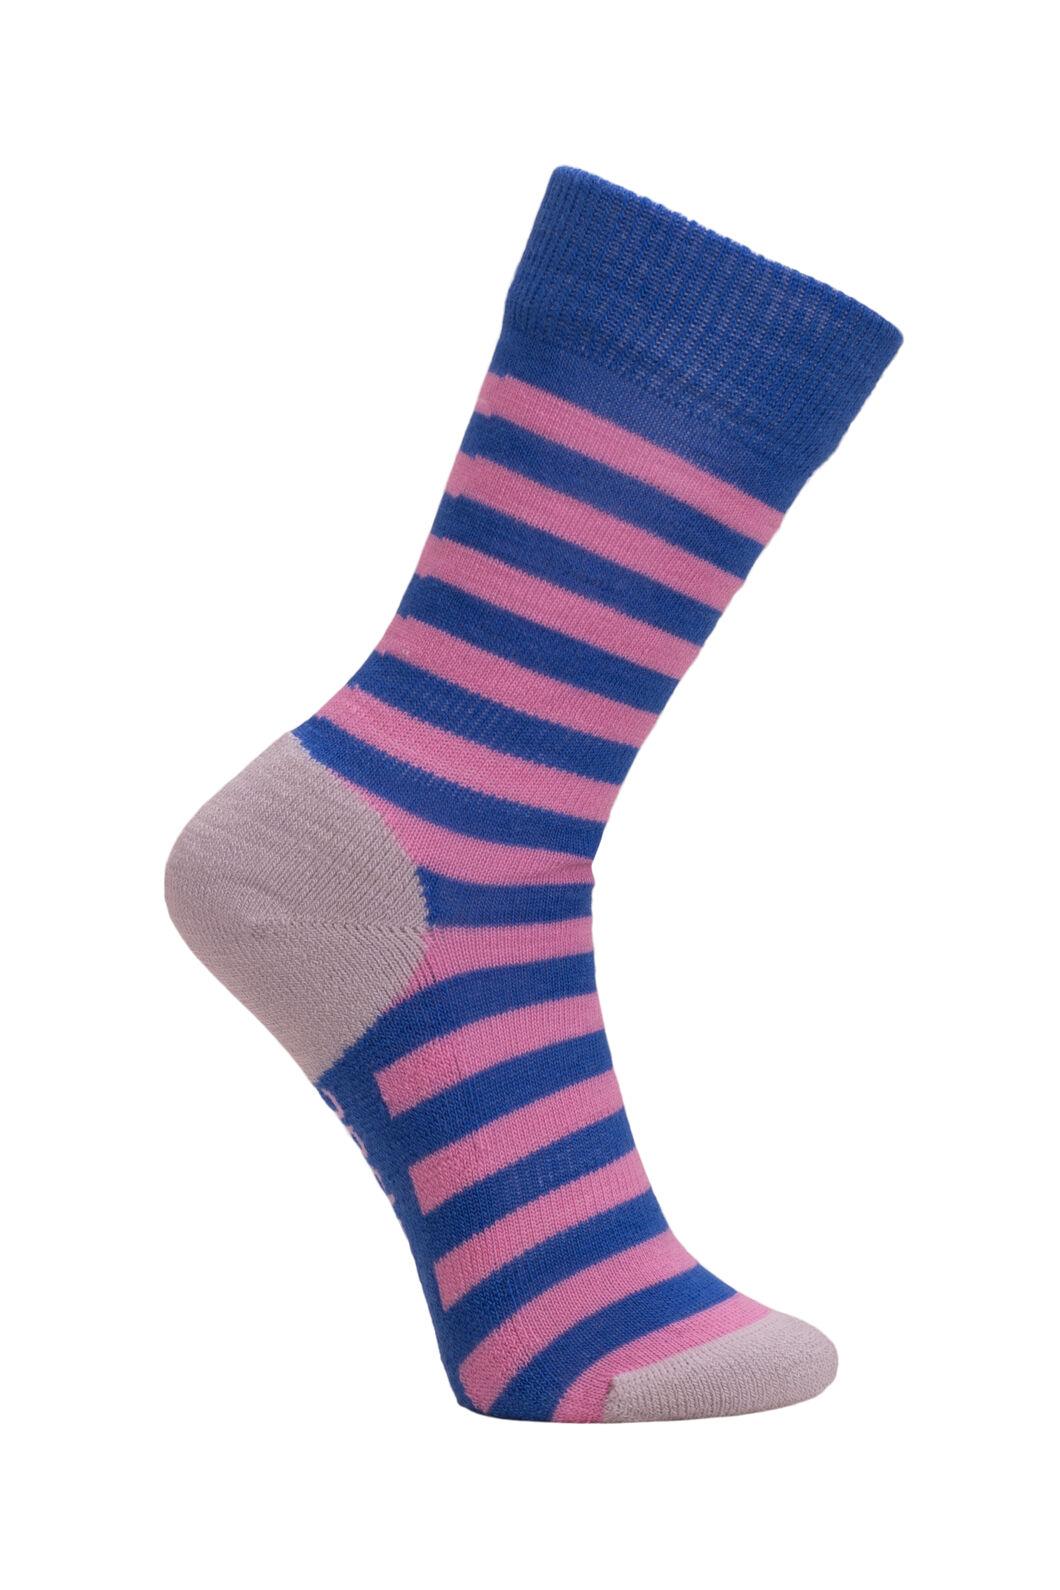 Macpac Footprint Socks Kids', Wedgewood Stripe, hi-res